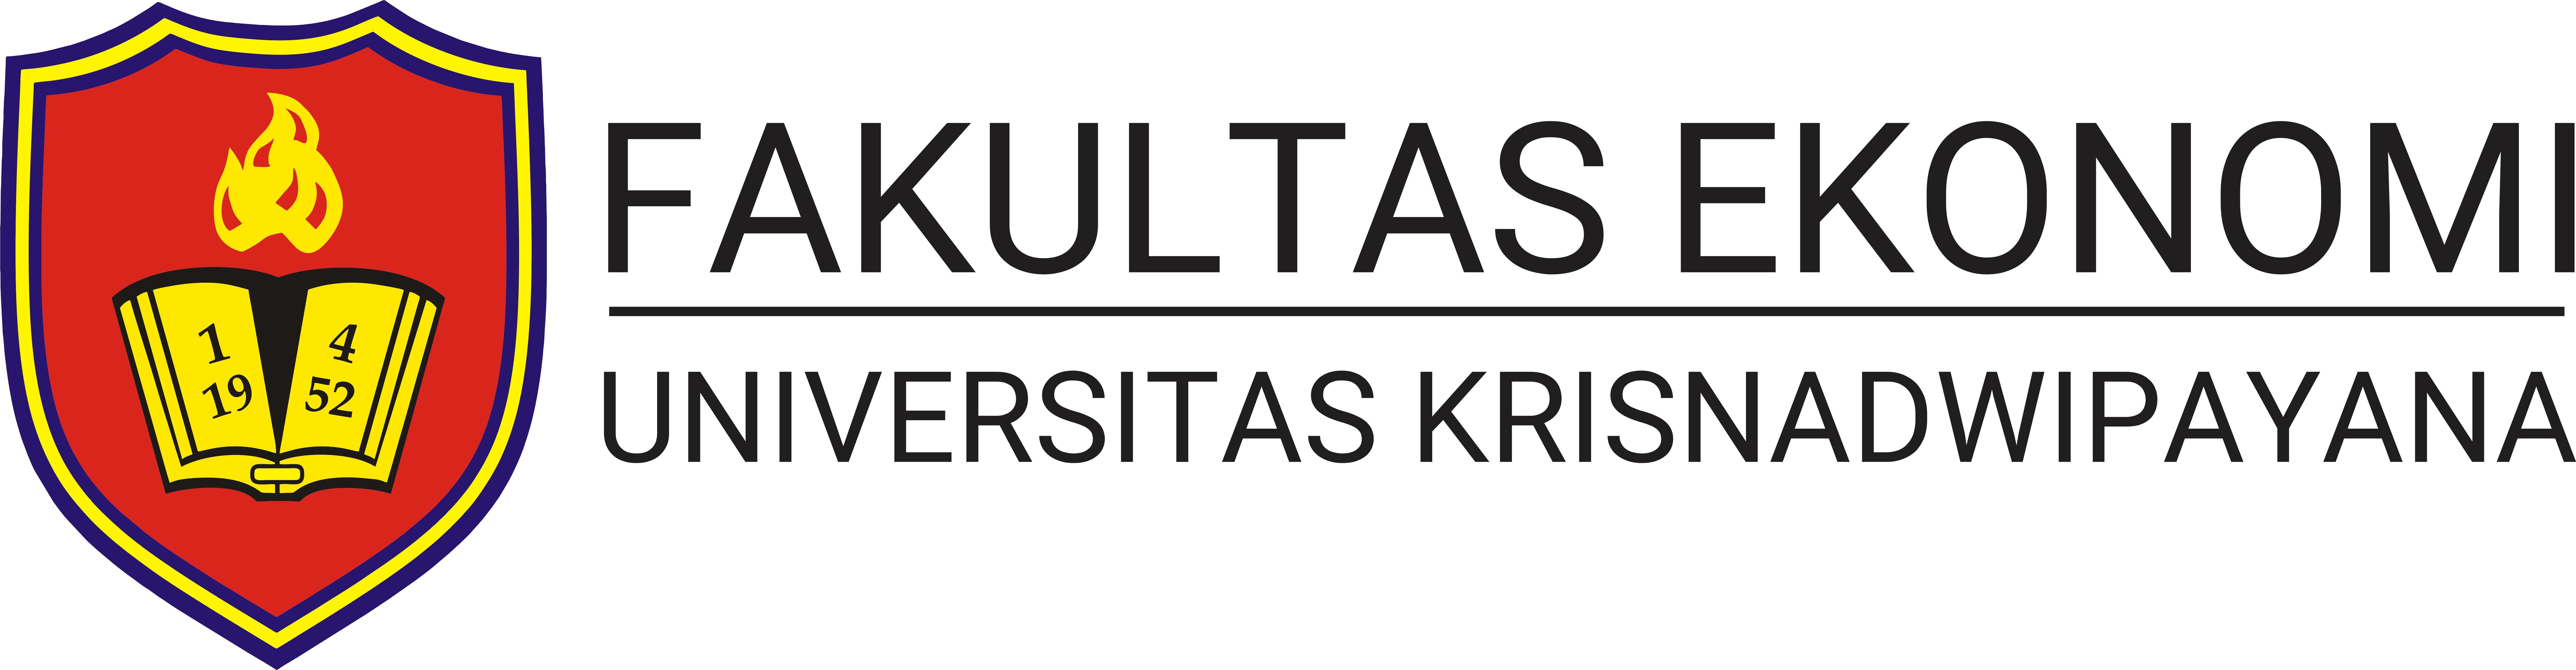 Fakultas Ekonomi Unkris